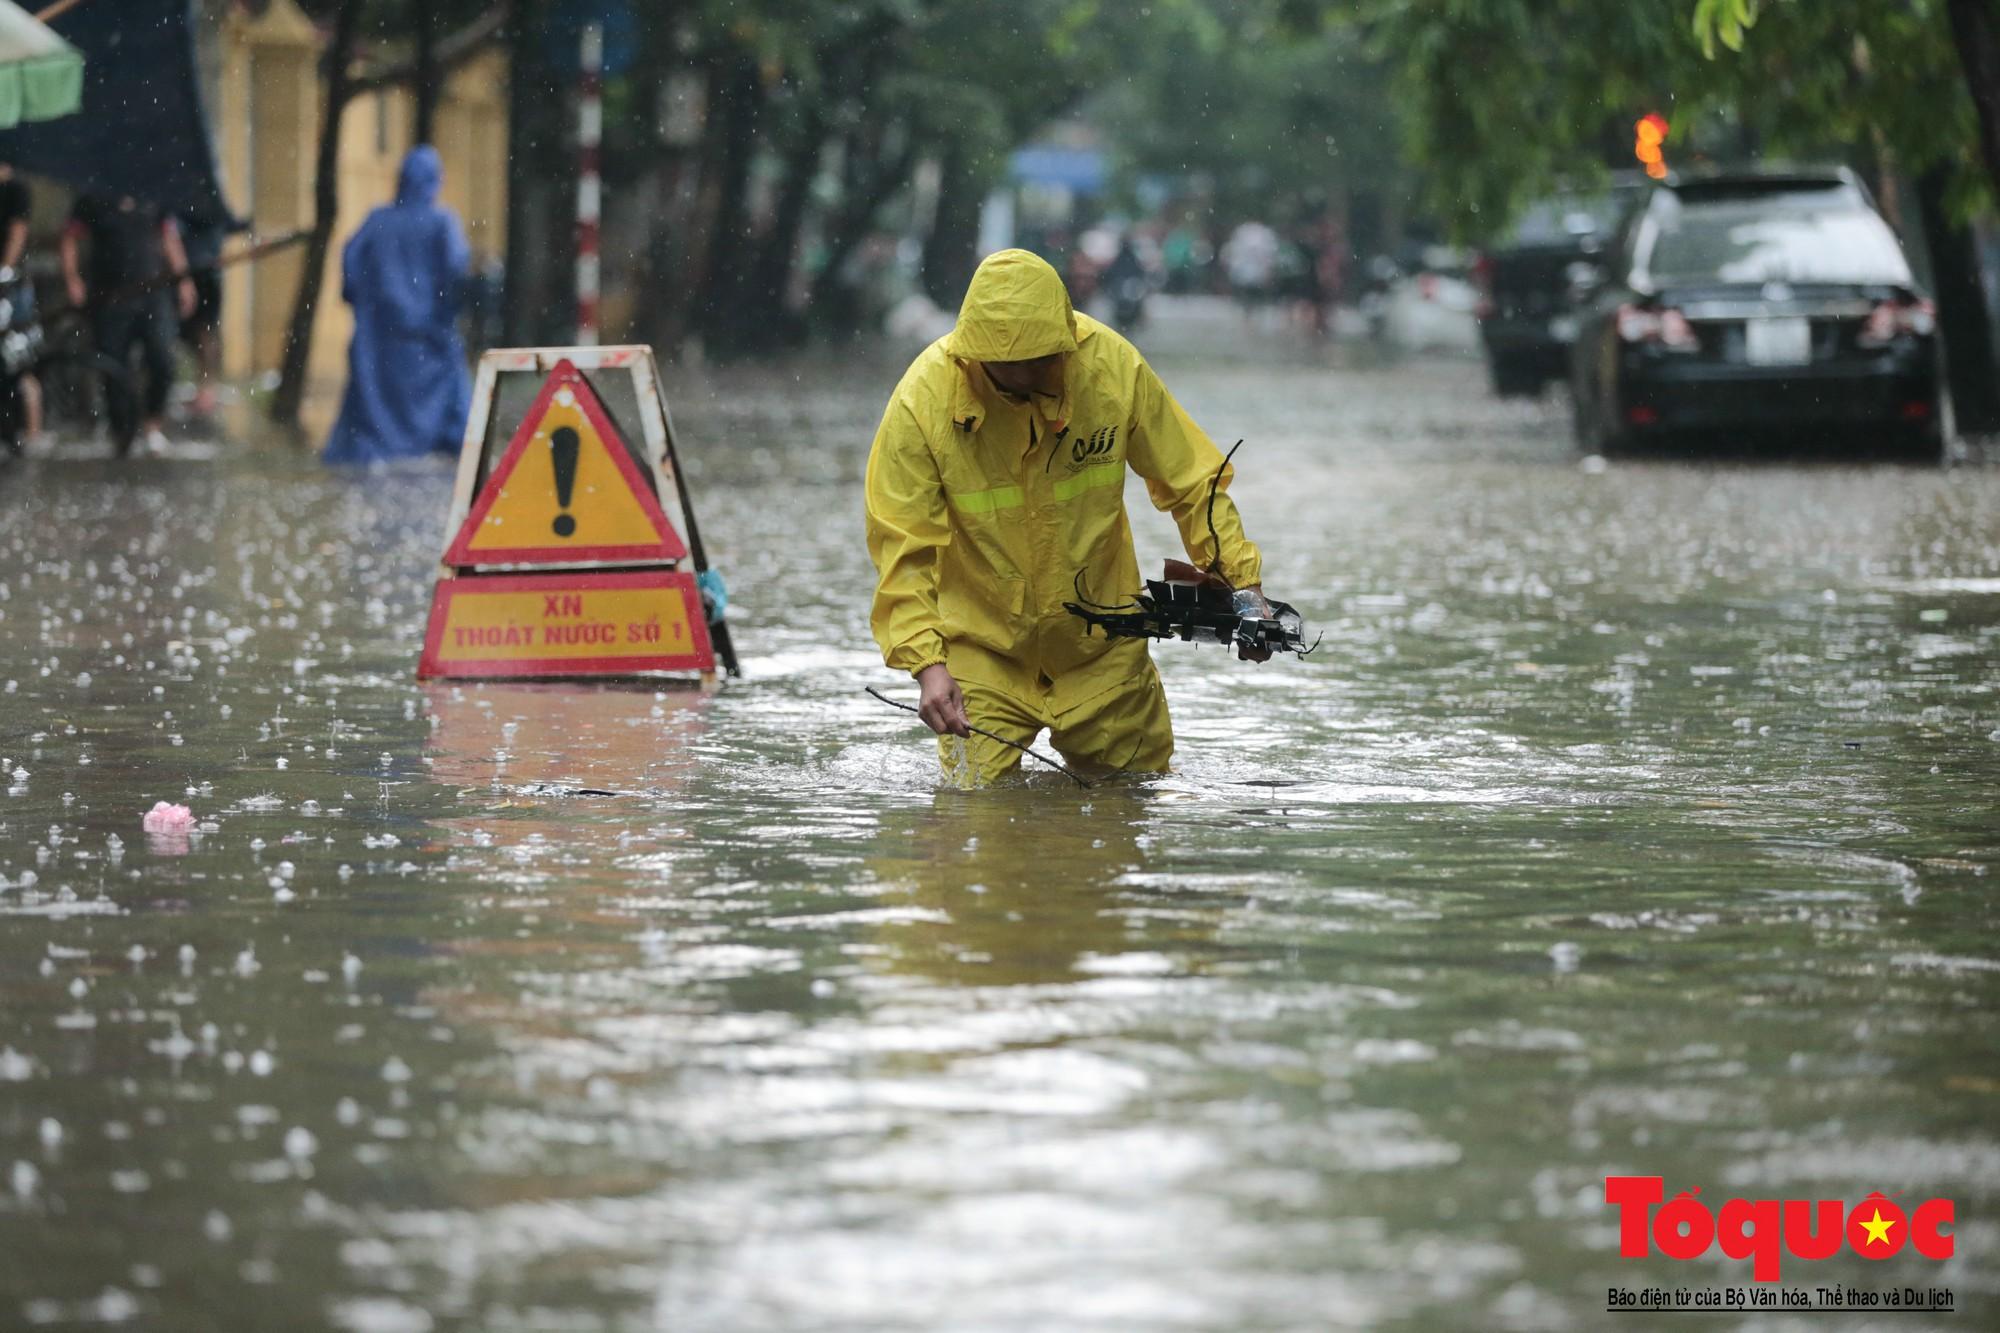 Hà Nội mưa lớn, xế hộp tập bơi qua tuyến phố ngâp nước (9)